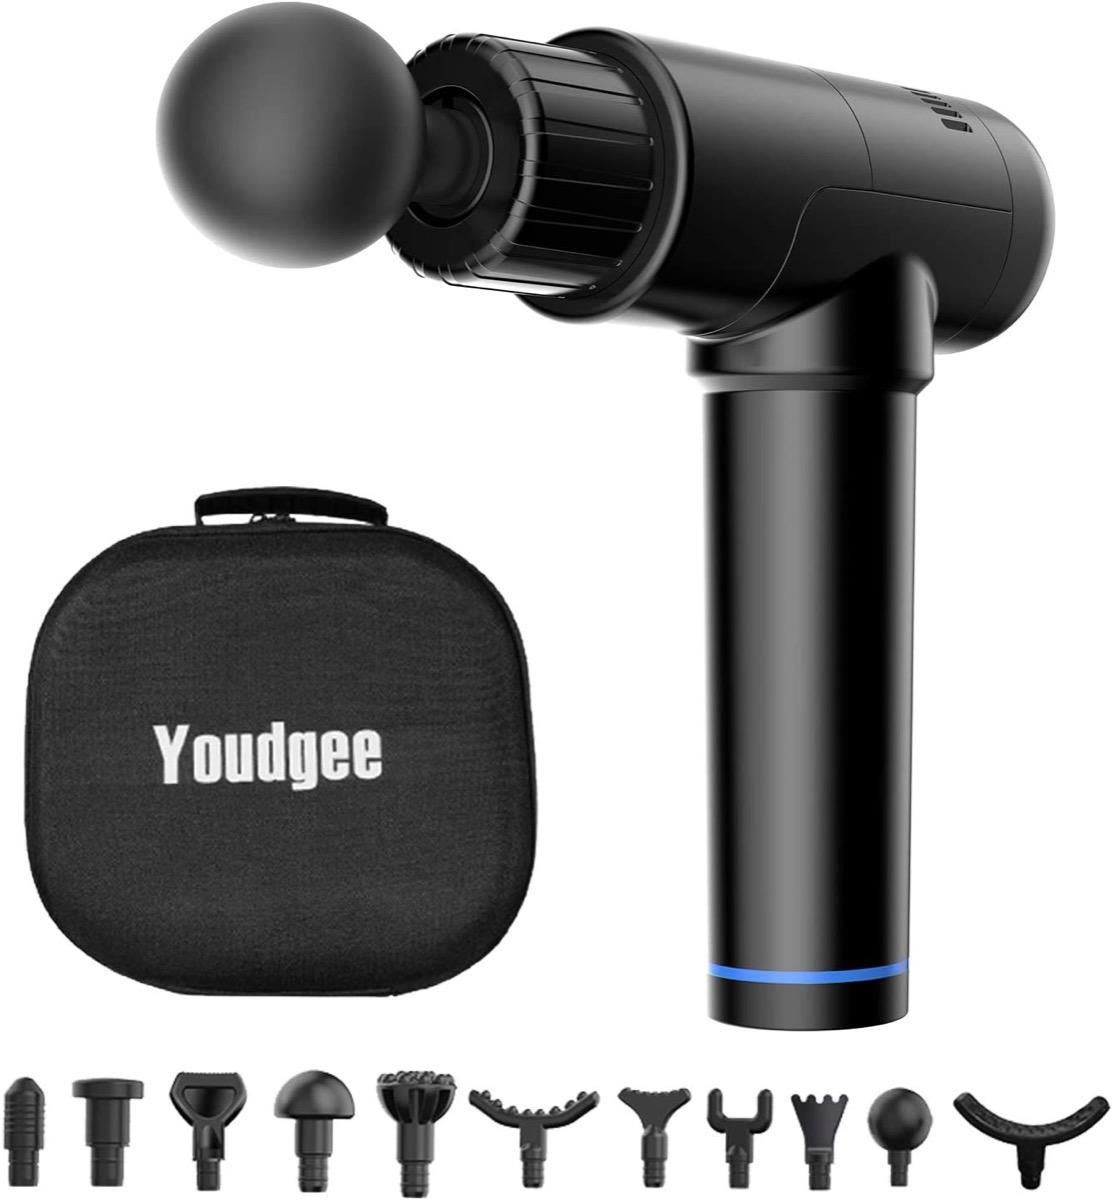 Black massage gun with accessories